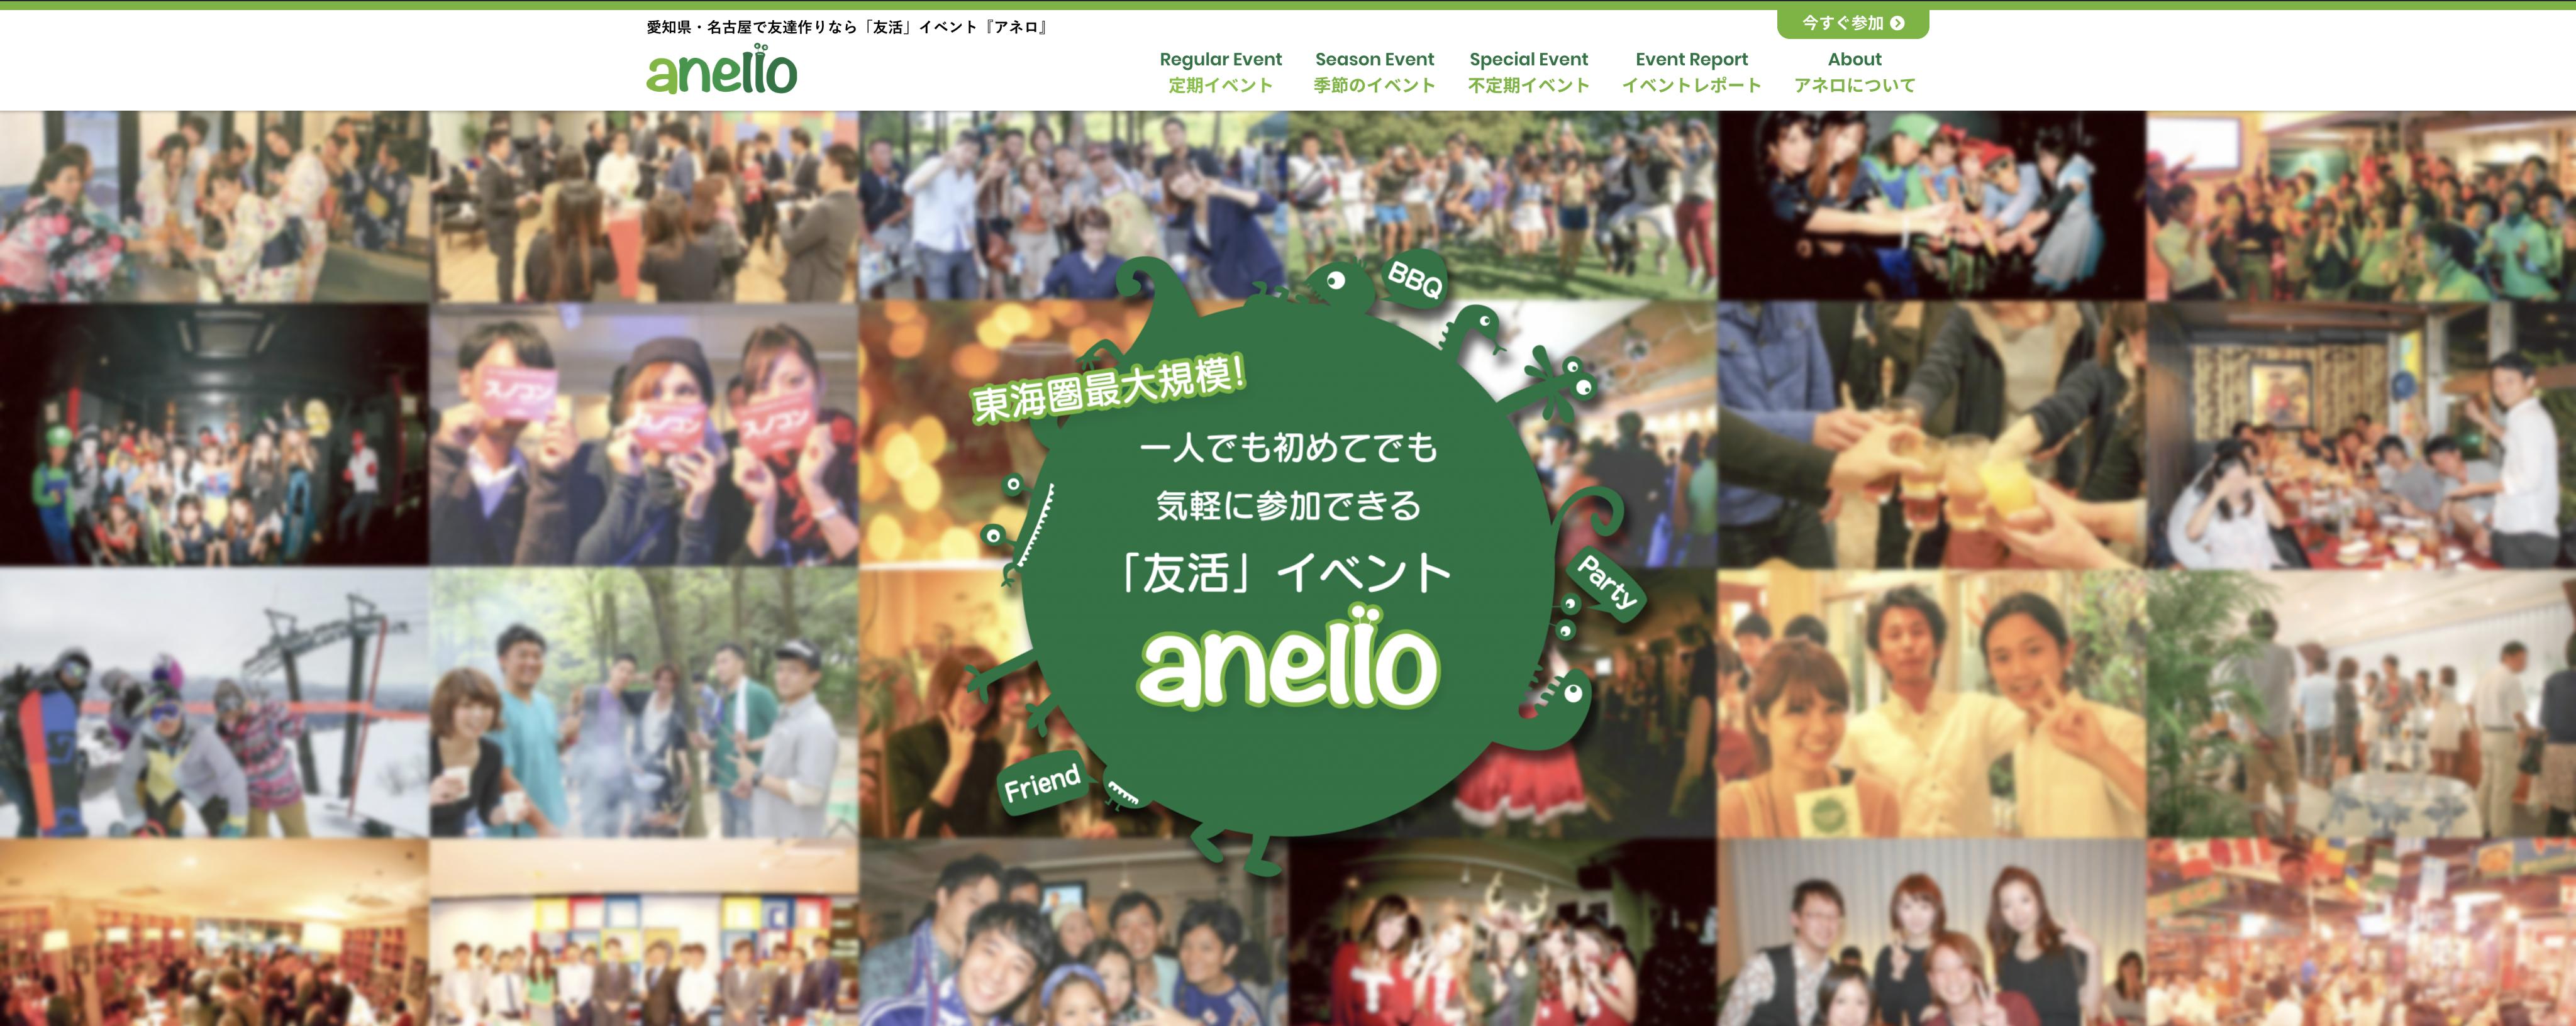 名古屋の社会人サークルアネロ